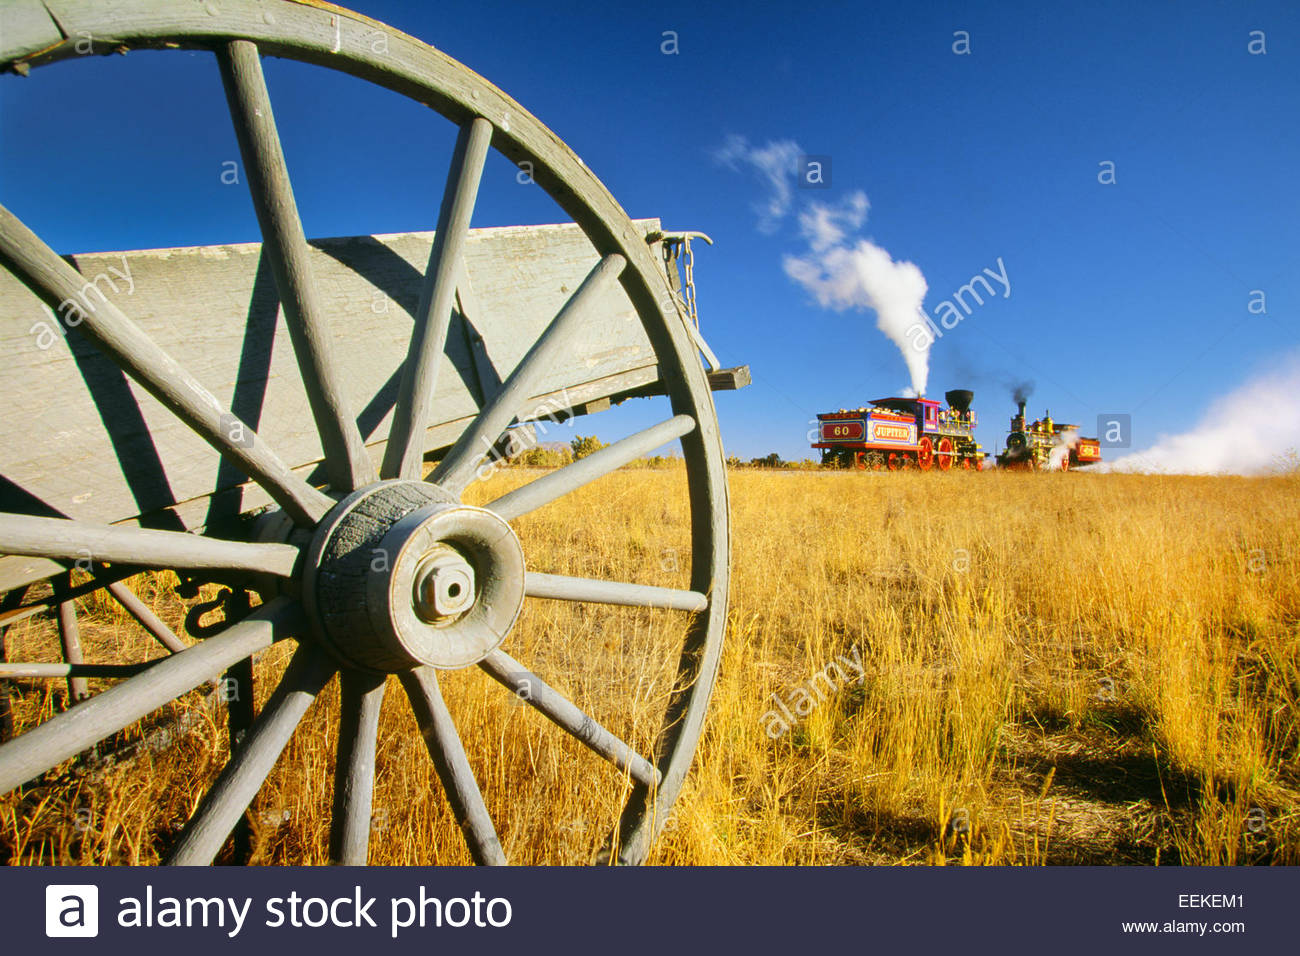 Lokomotiven, die für die Fertigstellung der transkontinentalen Eisenbahn am 10. Mai 1869, traf.  Golden Spike Stockbild